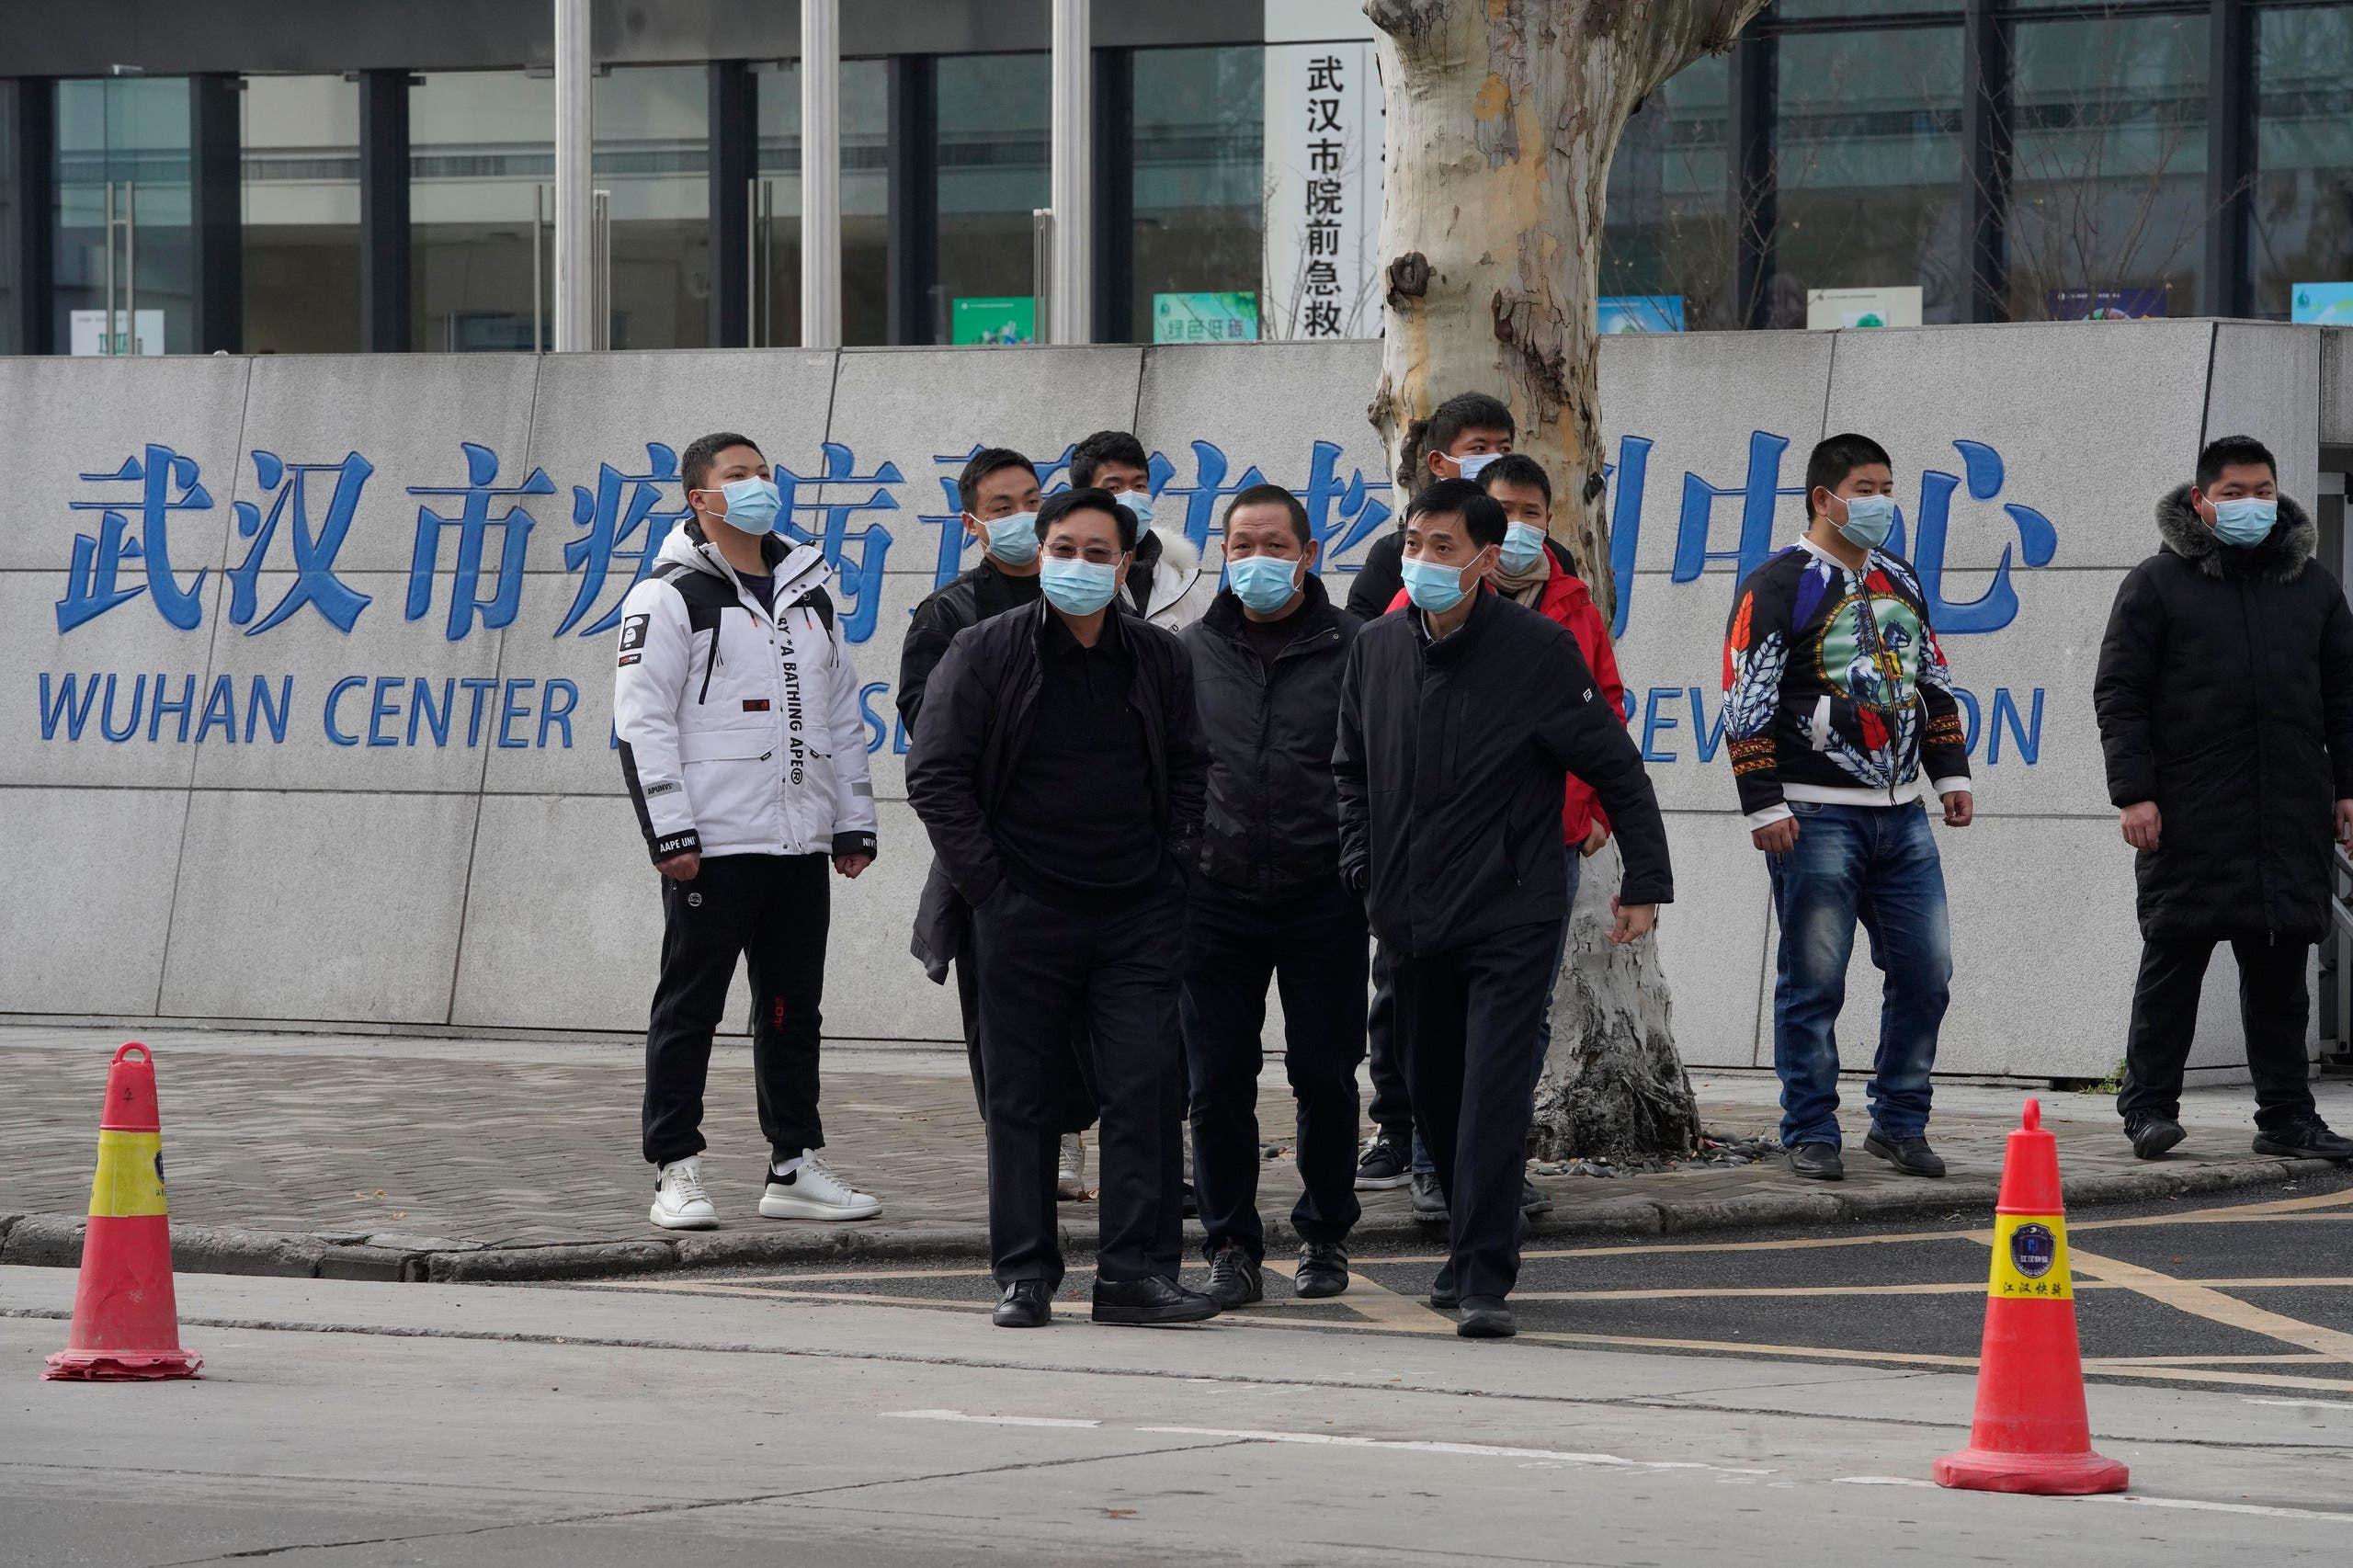 أفراد الأمن في ثياب مدنية خارج مركز ووهان للسيطرة على الأمراض والوقاية منها قبل وصول فريق منظمة الصحة العالمية يوم 1 فبراير